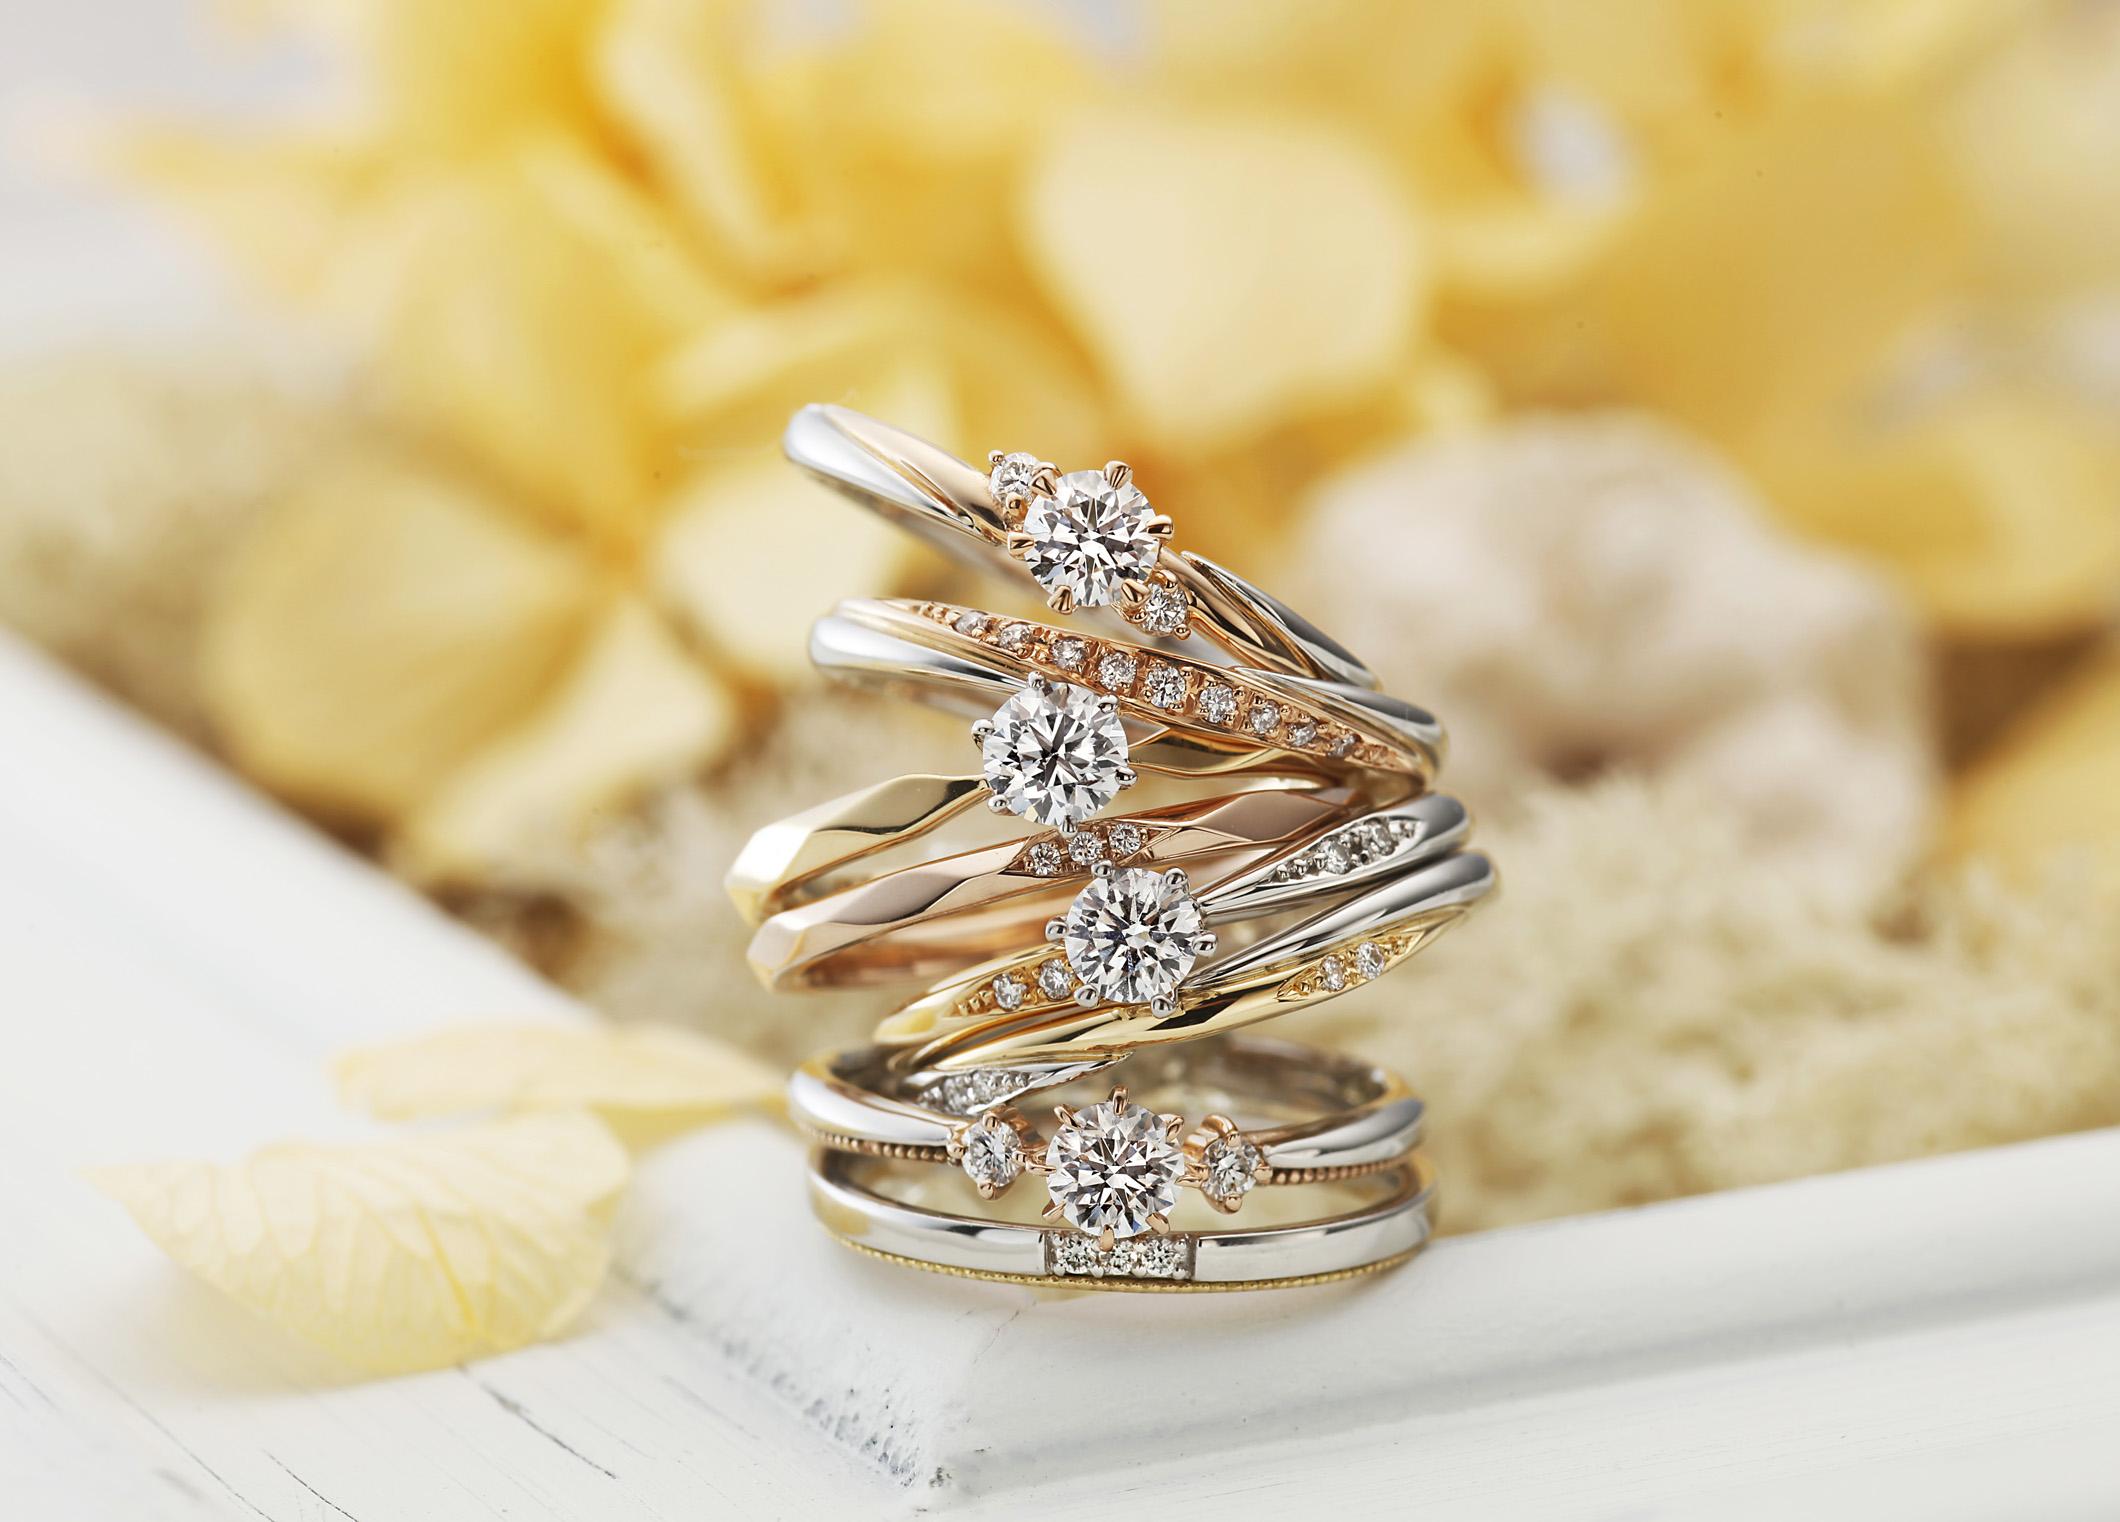 【静岡市】プロポーズに贈りたい♥愛のおまもり『AMOUR AMULET』アミュールアミュレットの婚約指輪